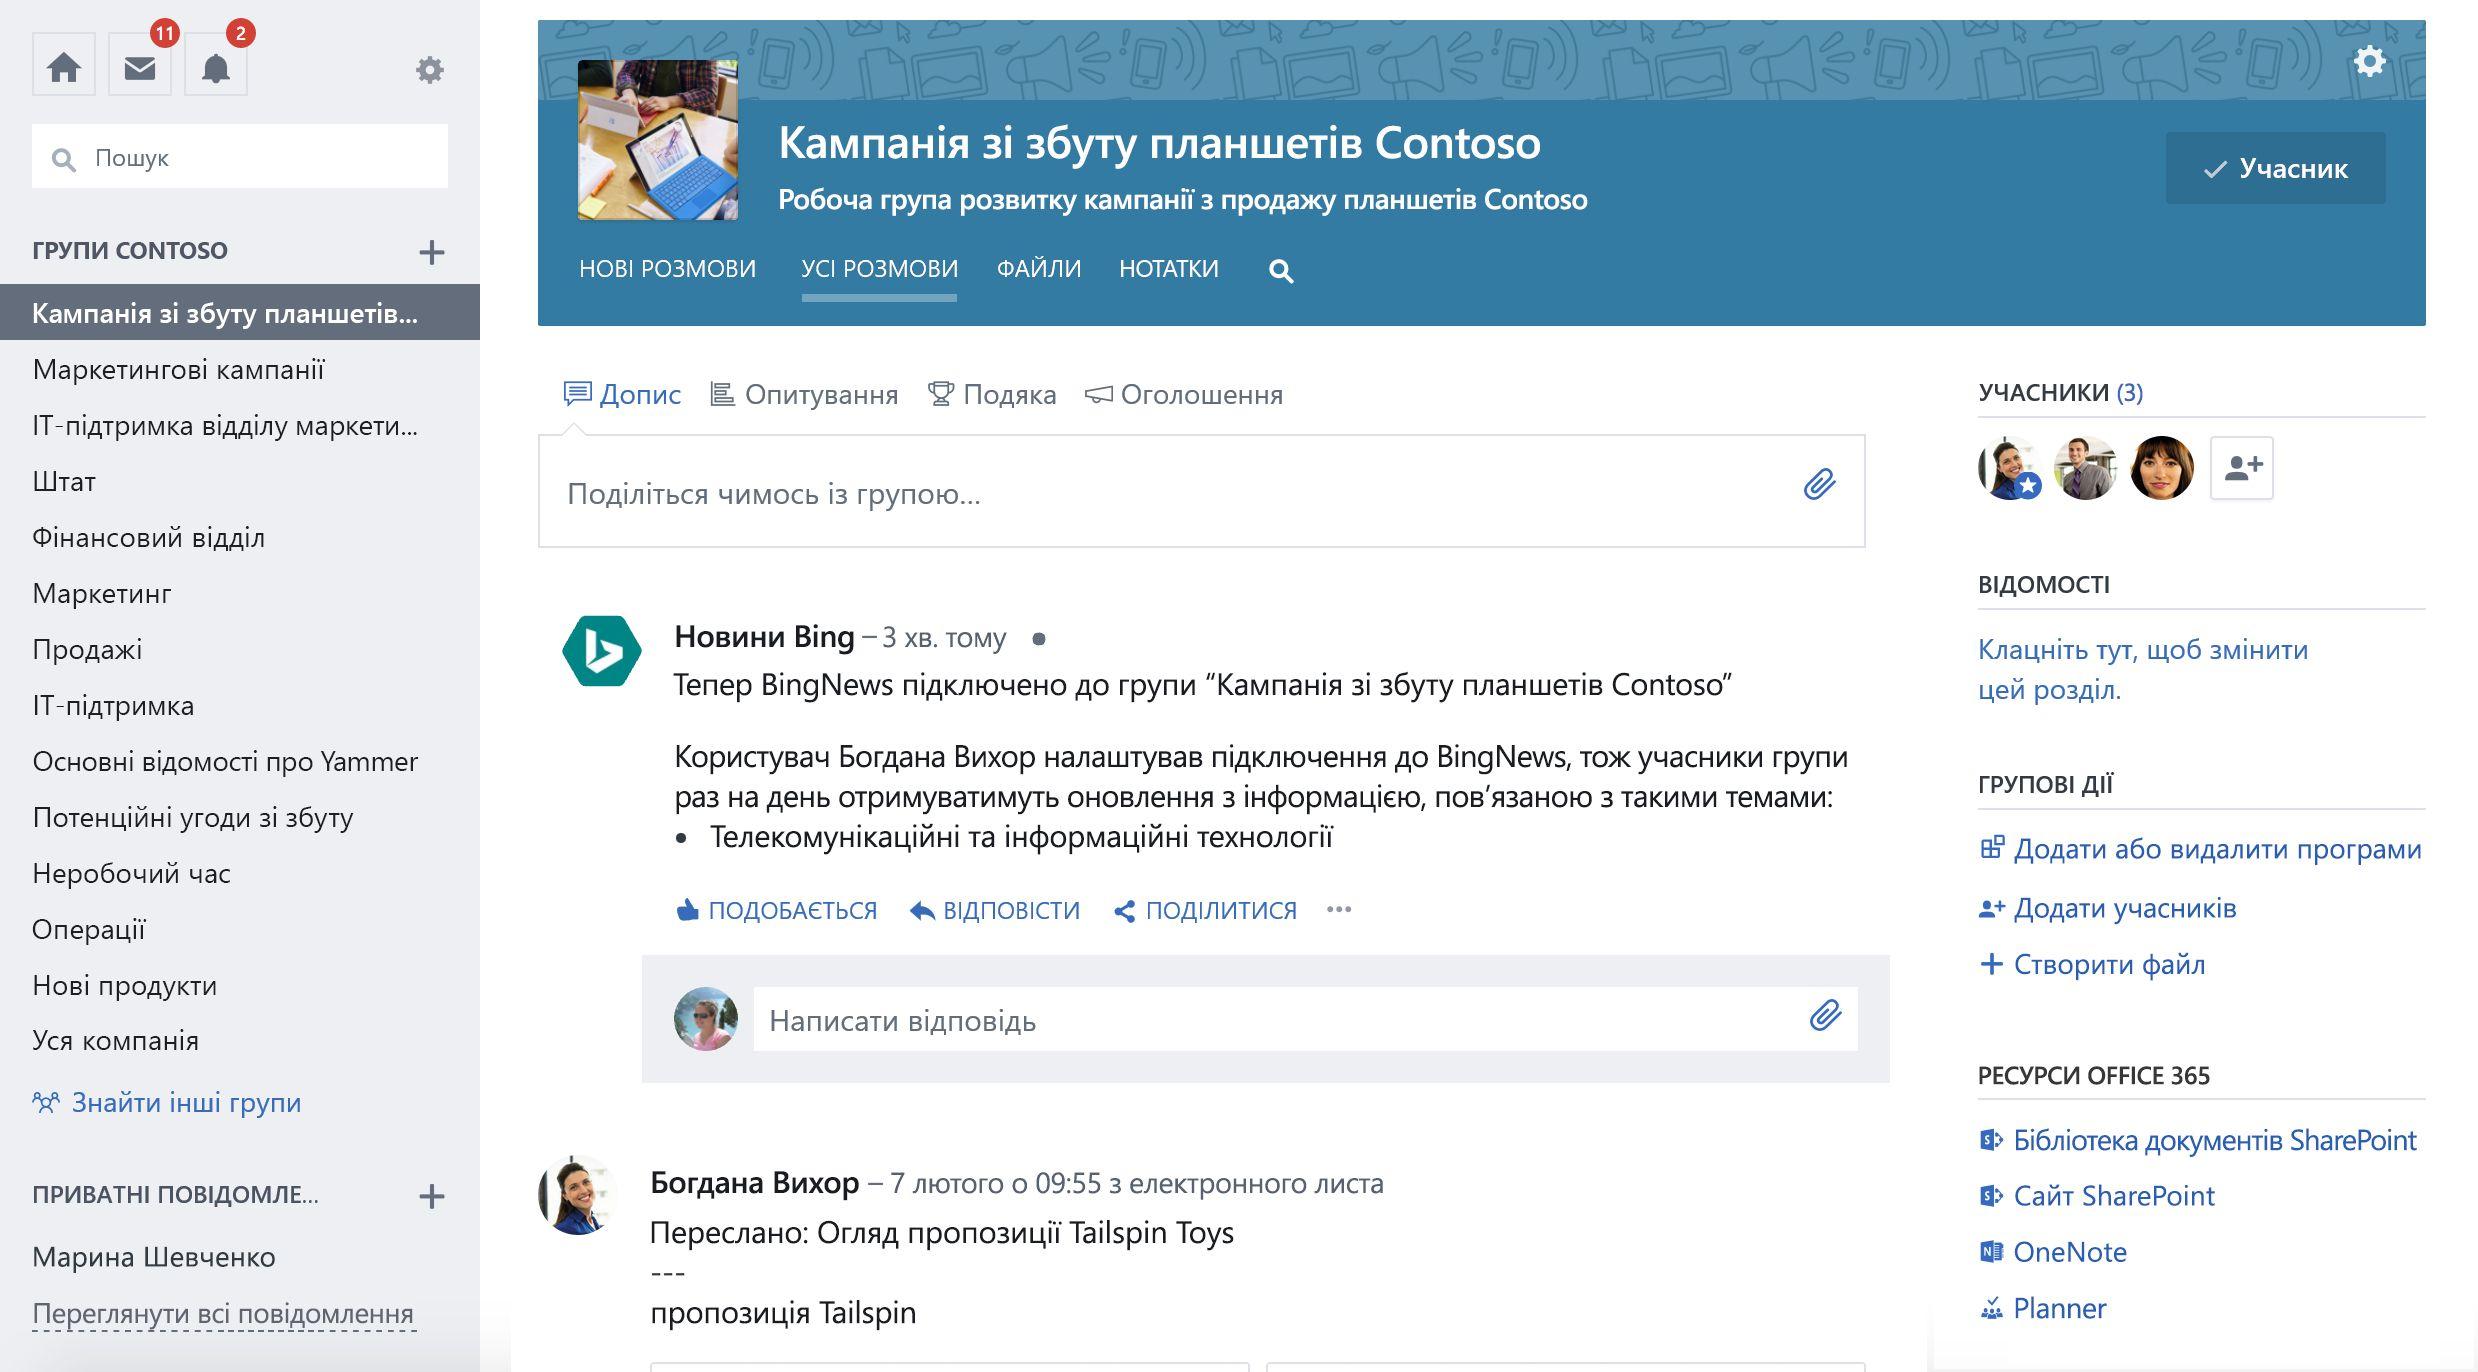 Знімок екрана з Office 365 на зв'язку зі нове підключення групі Yammer